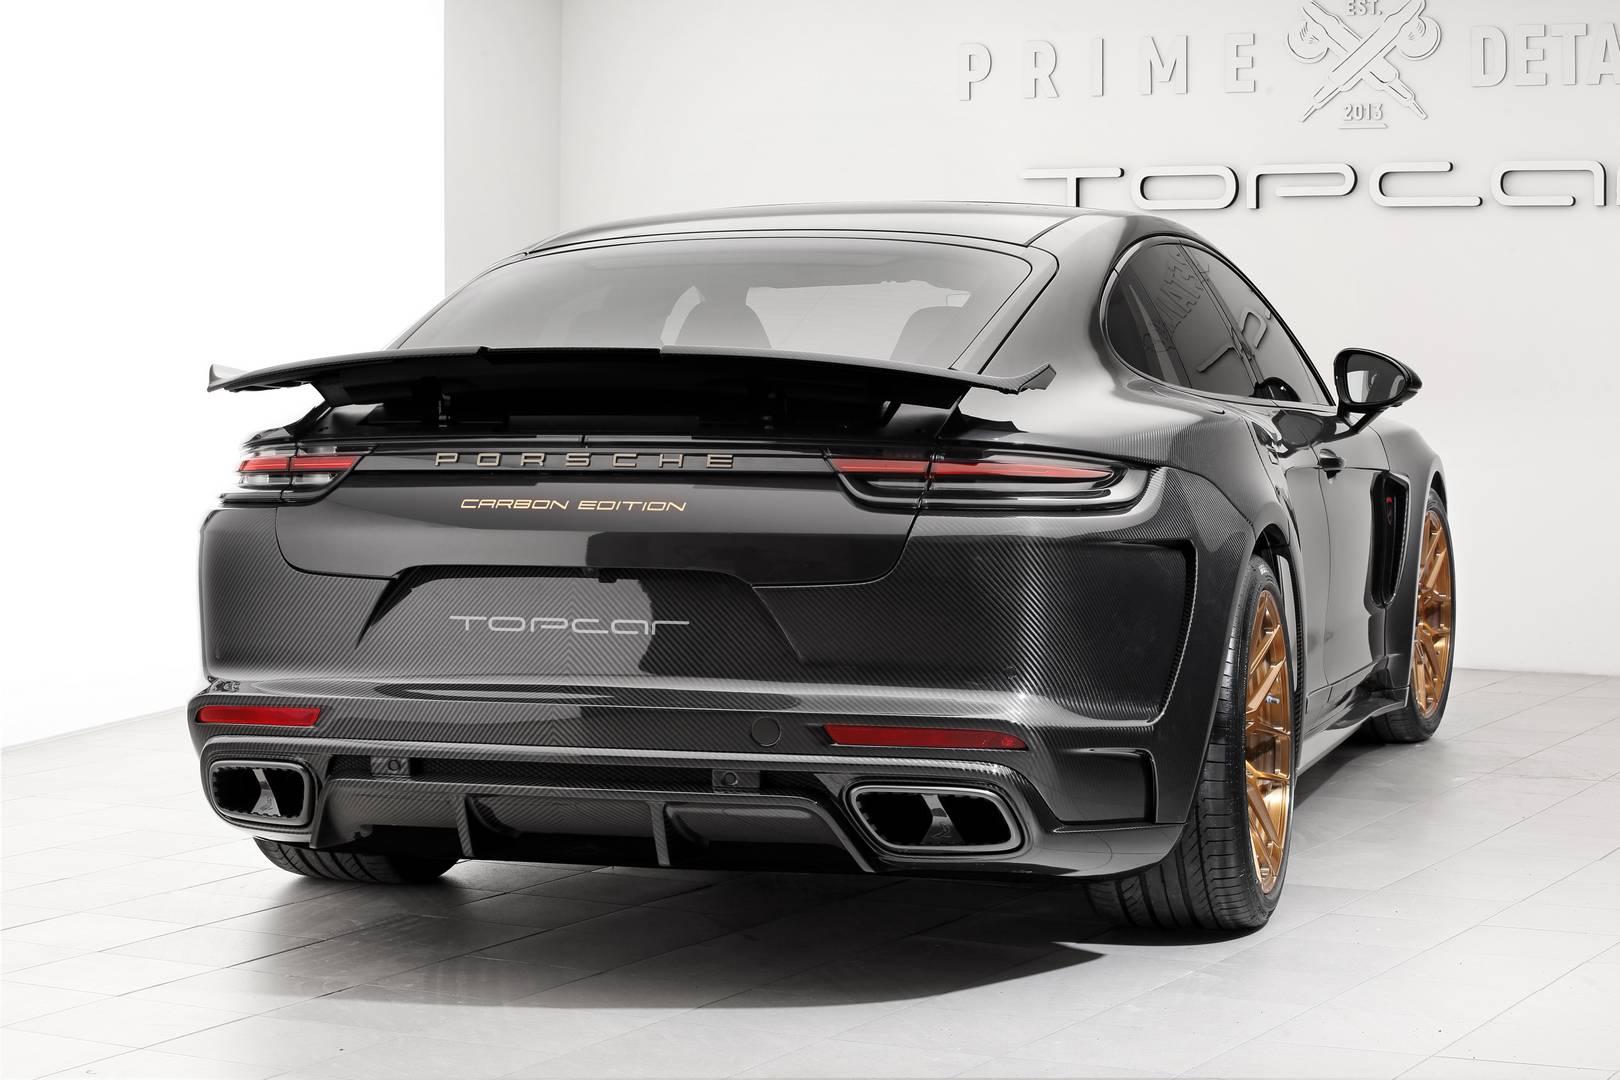 Основанные на Porsche 911 (991.2) и Panamera (971), оба экземпляра снабжены кузовом полностью из карбона.